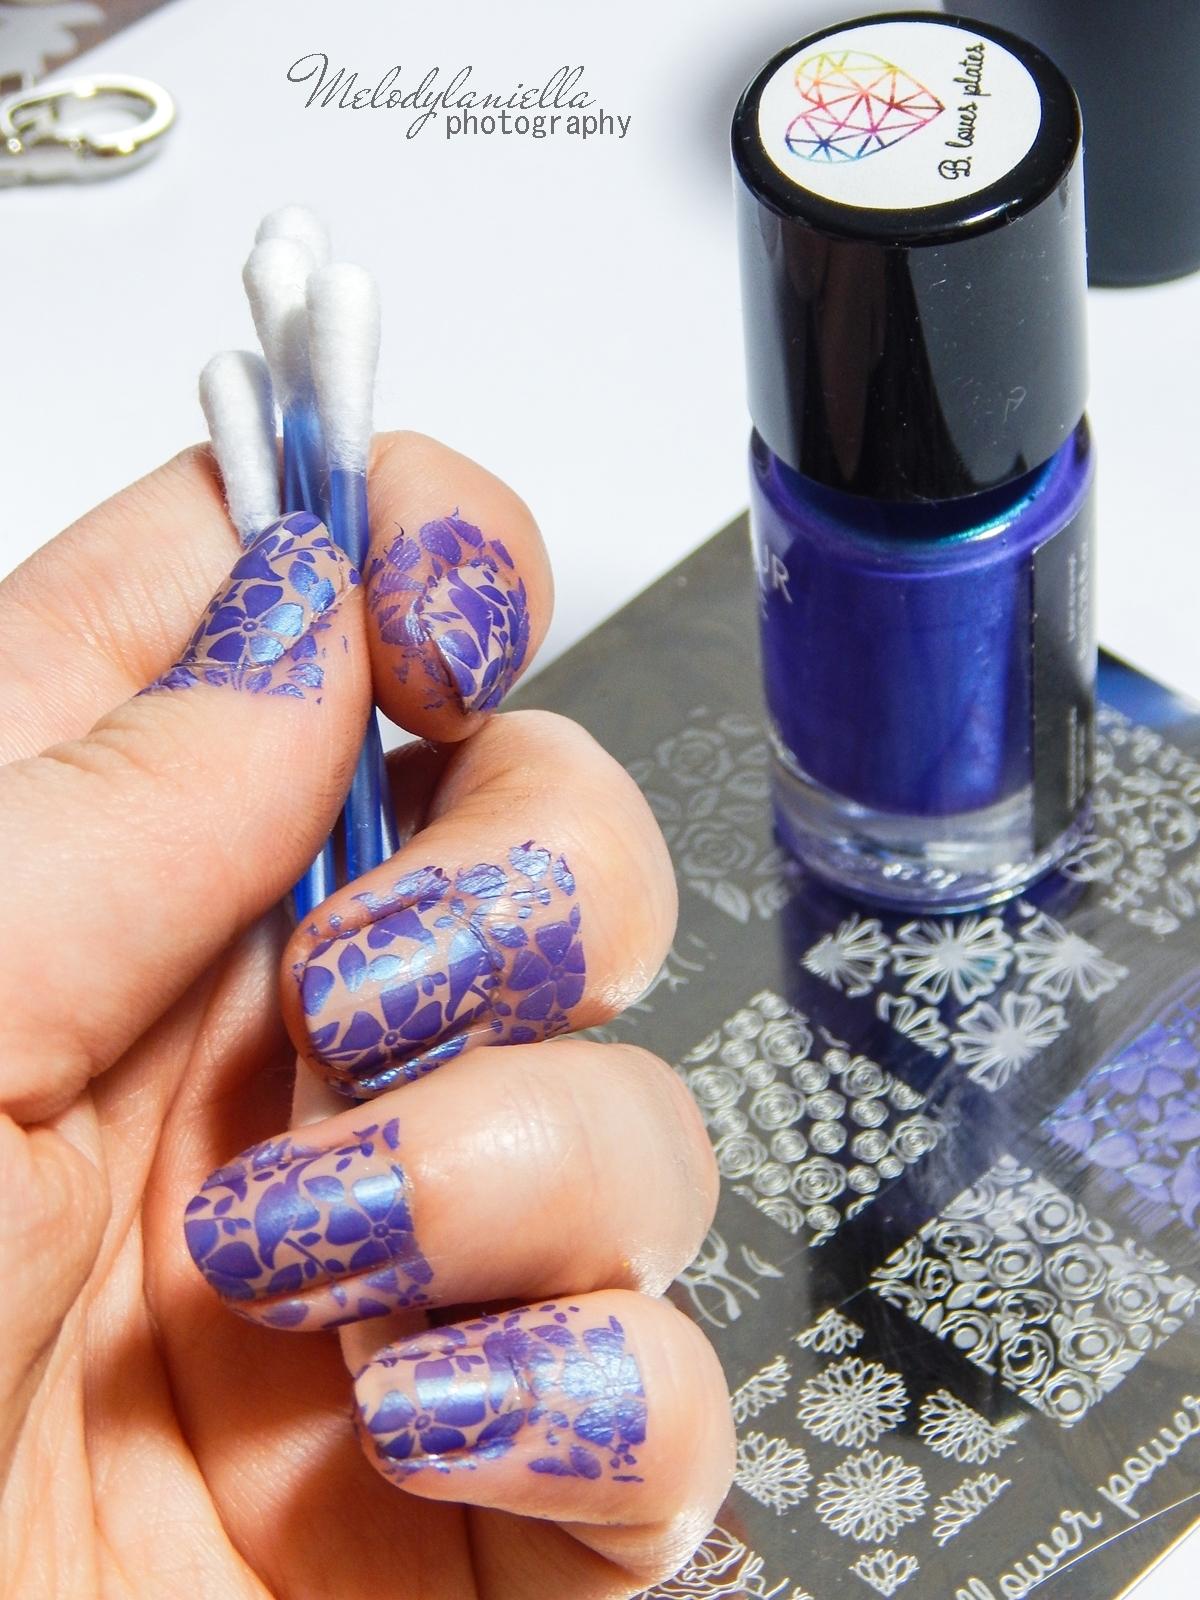 _11 nagłówek stemplowanie paznokci jak stemplować paznokcie produkty płytki lakiery do stemplowania b loves plates